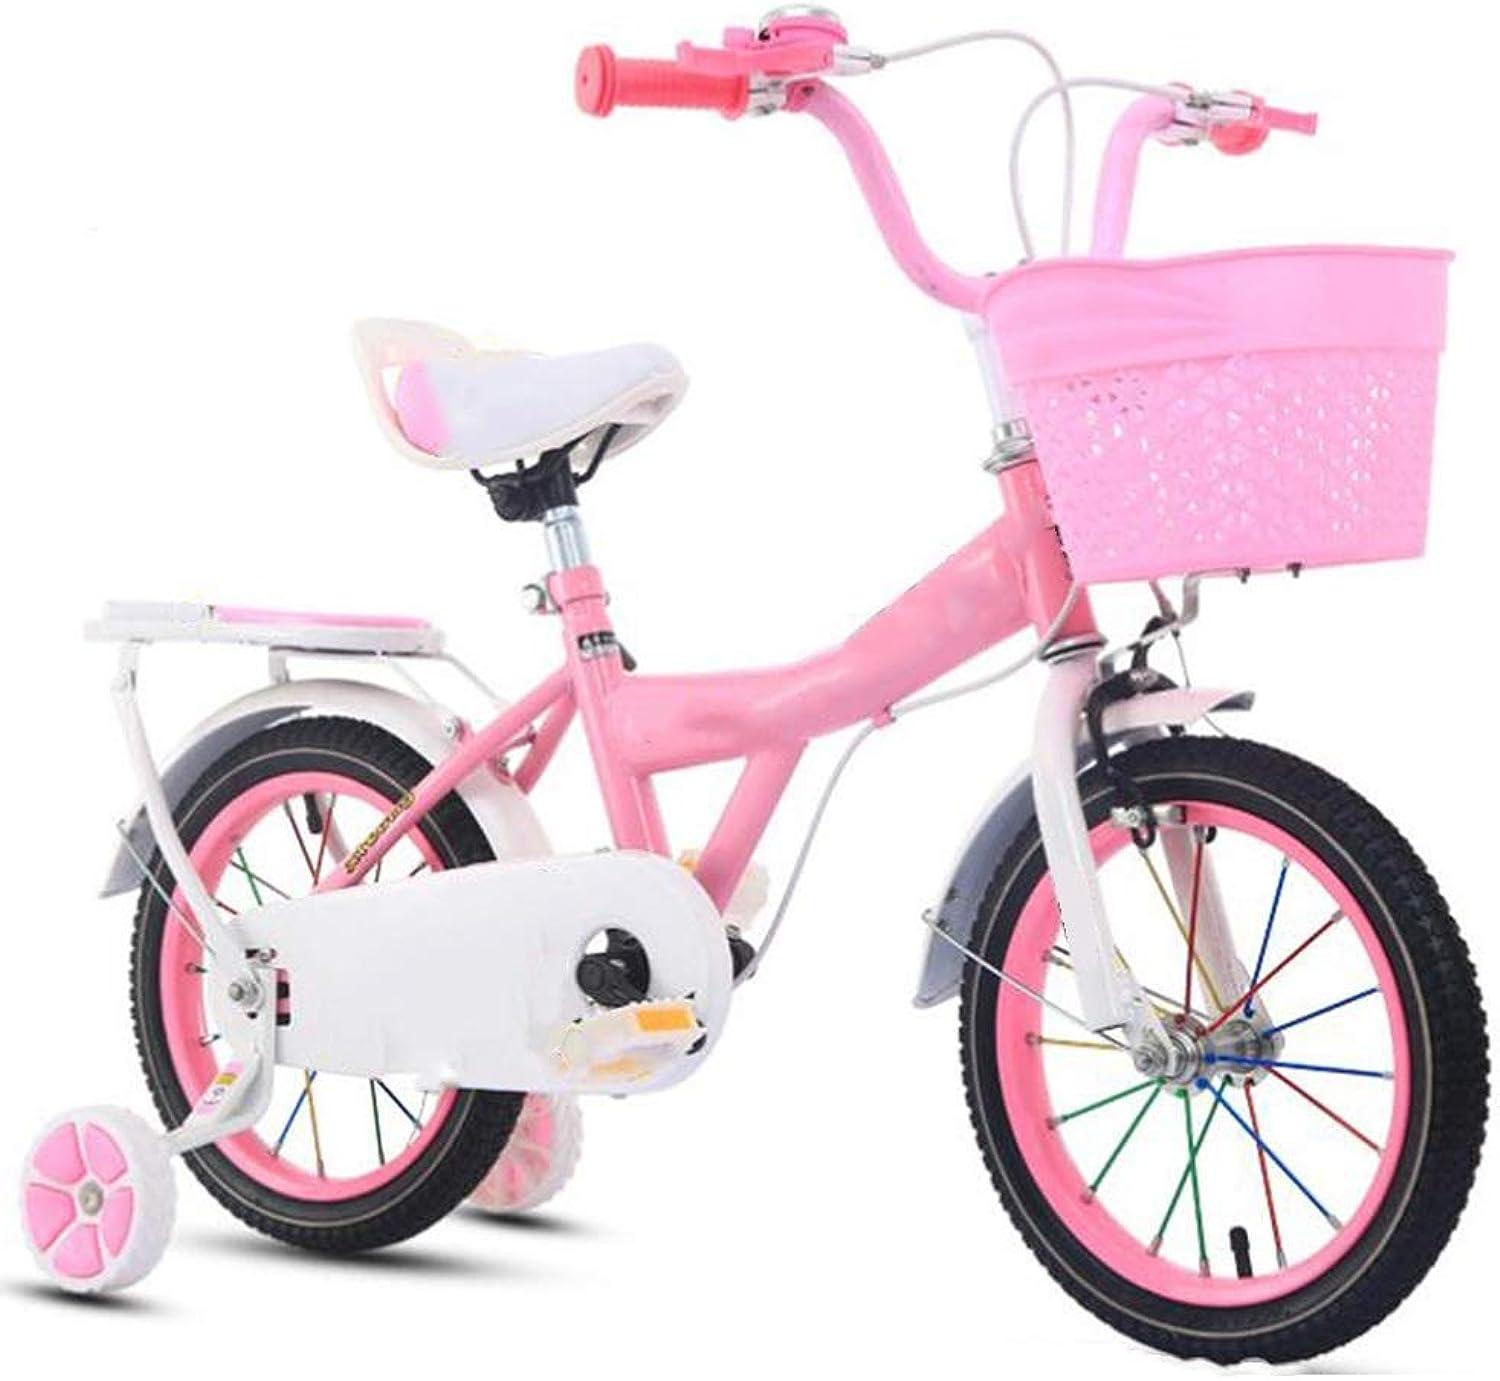 precio razonable Axdwfd Axdwfd Axdwfd Infantiles Bicicletas Bicicletas para Niños 12 14 16 Pulgadas, Bicicleta para Niños con Rueda de Entrenamiento Regalo para Niños y niñas de 2 a 8 años  calidad auténtica